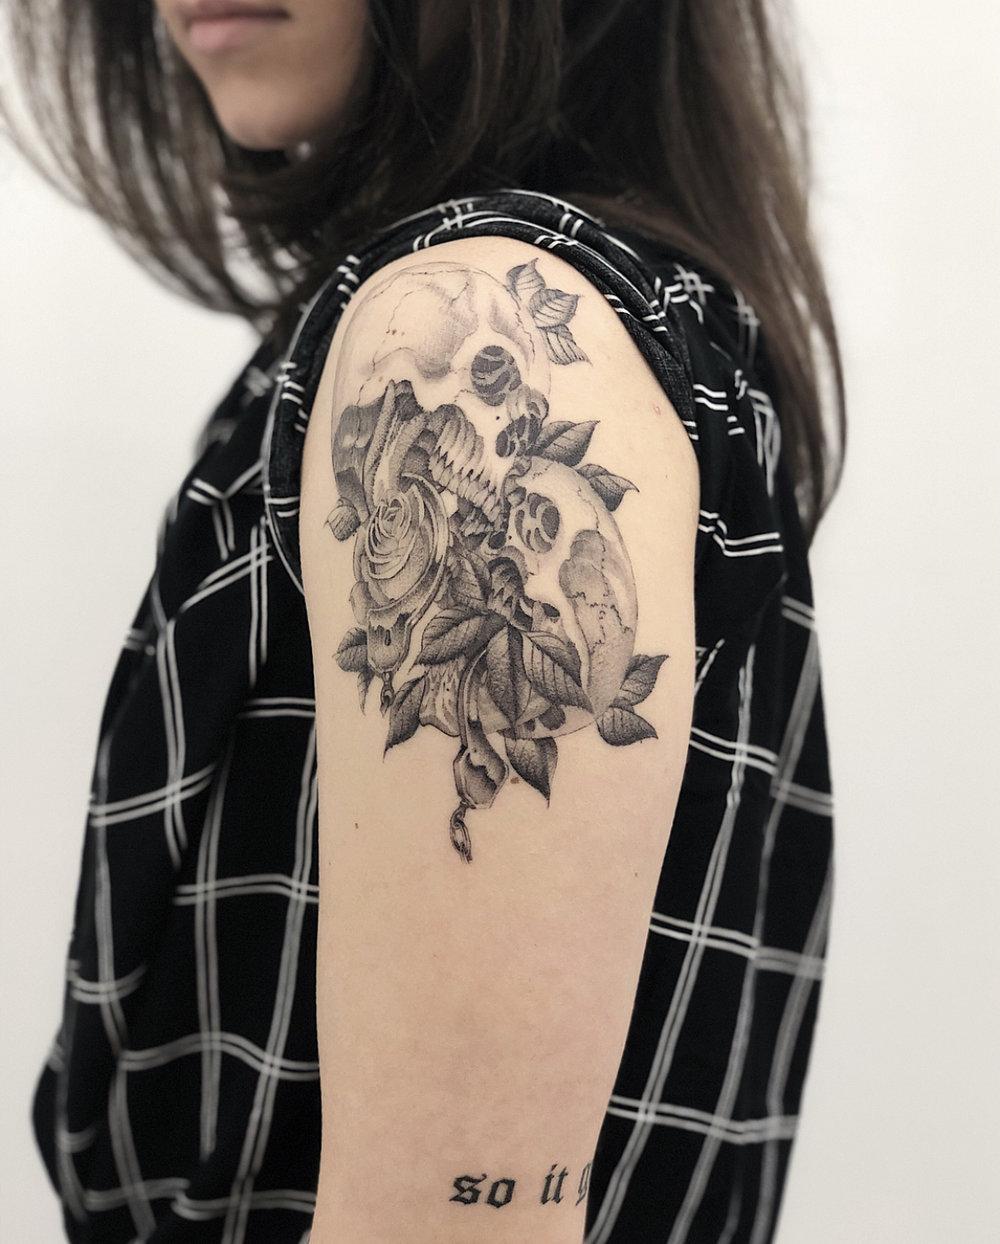 Tattoo-by-Big-Steve-Fun-City-Tattoo.jpg